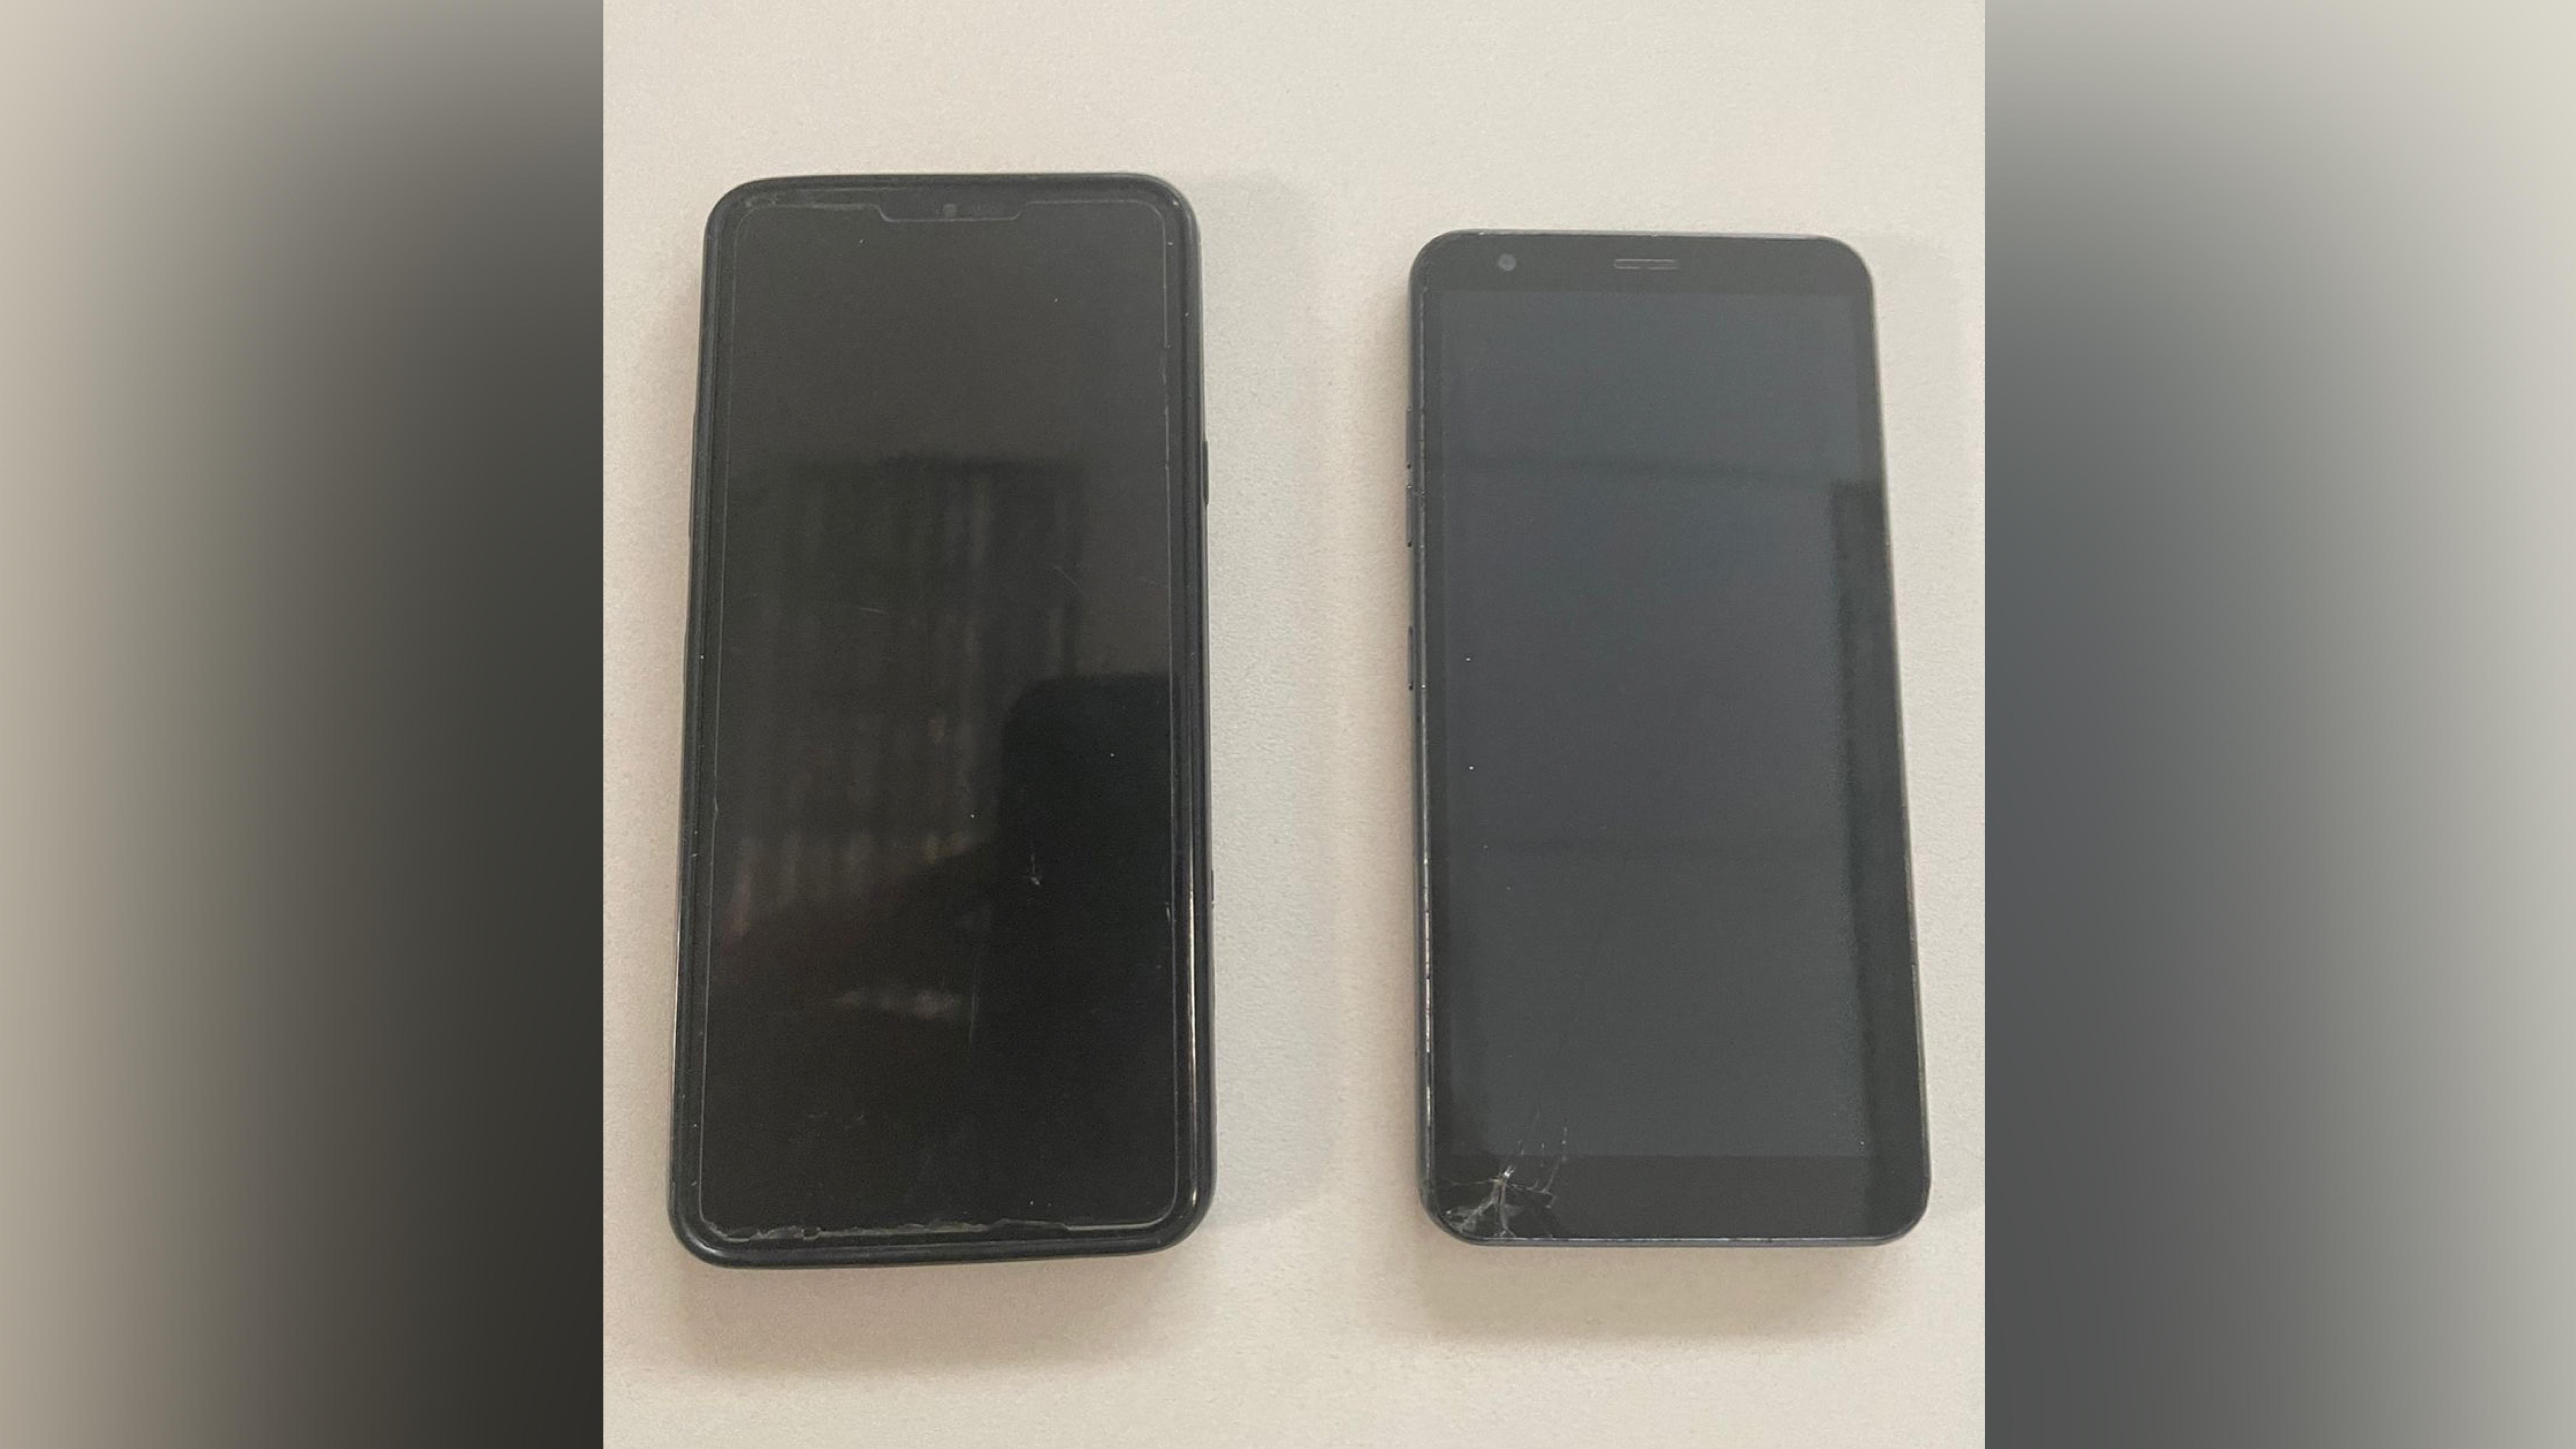 Telefonos-asegurados-en-secuestro-en-Juarez